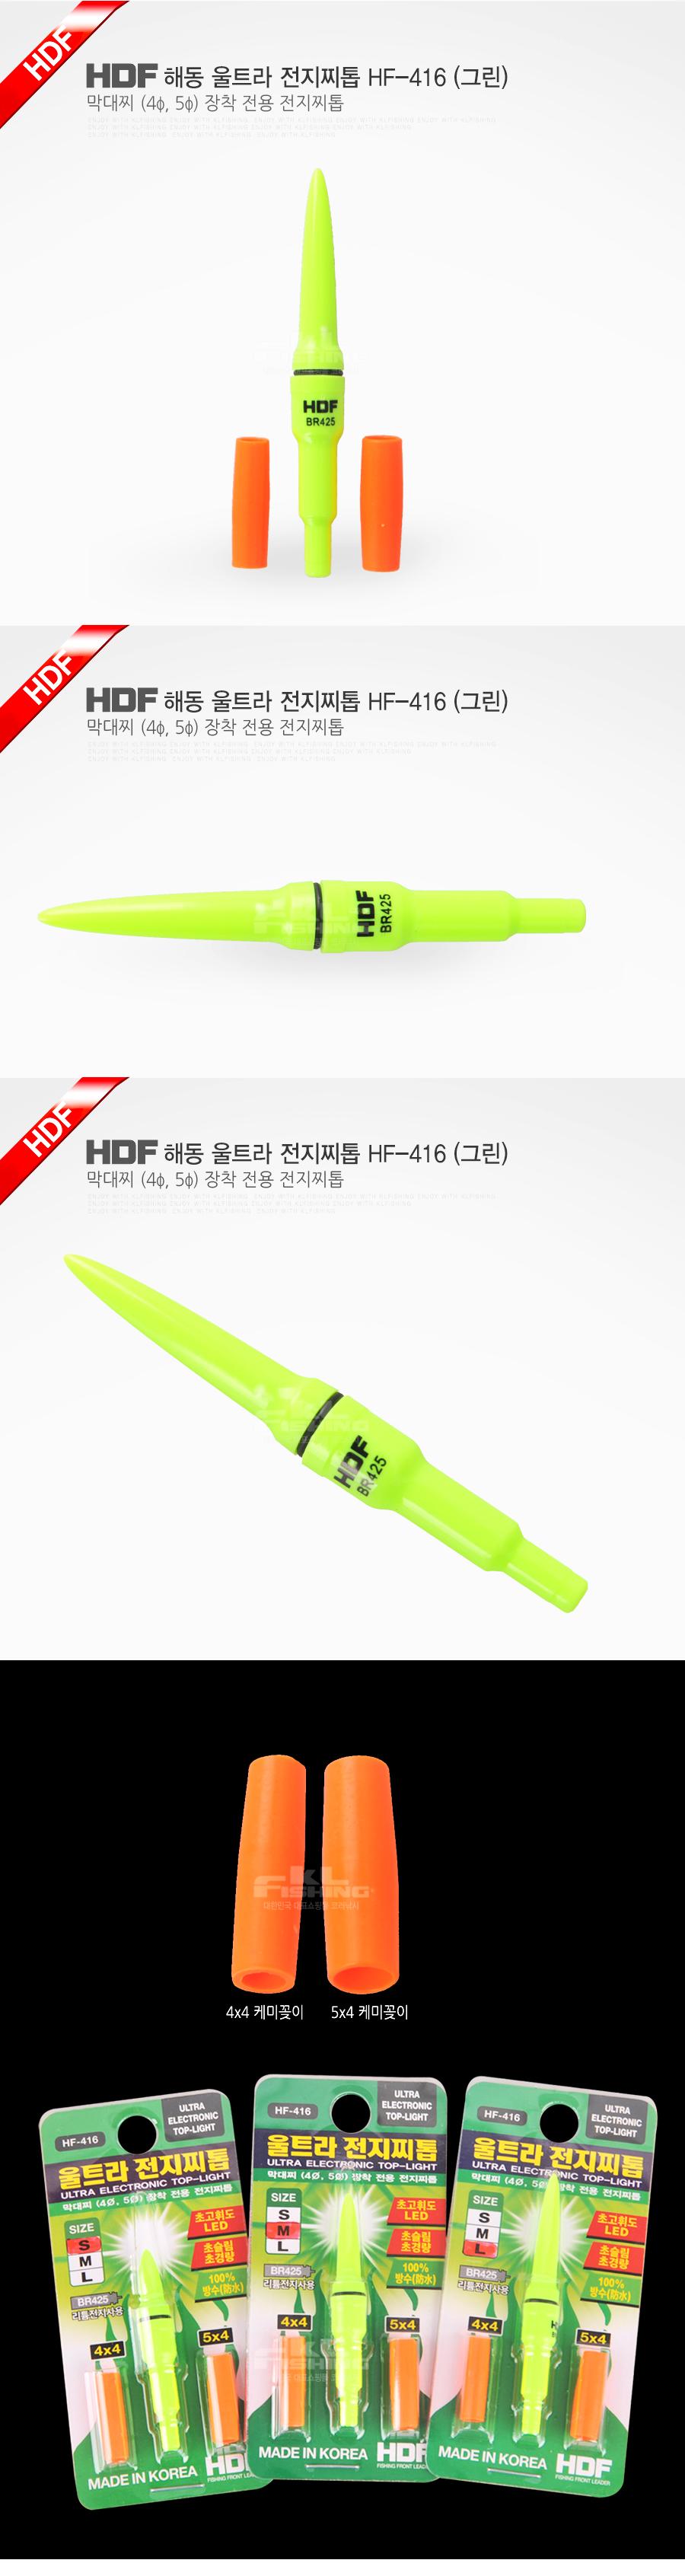 해동 울트라 전지찌톱 HF-416 (그린) [전지 미포함] 막대찌전자톱 전자톱 전자탑 막대찌톱